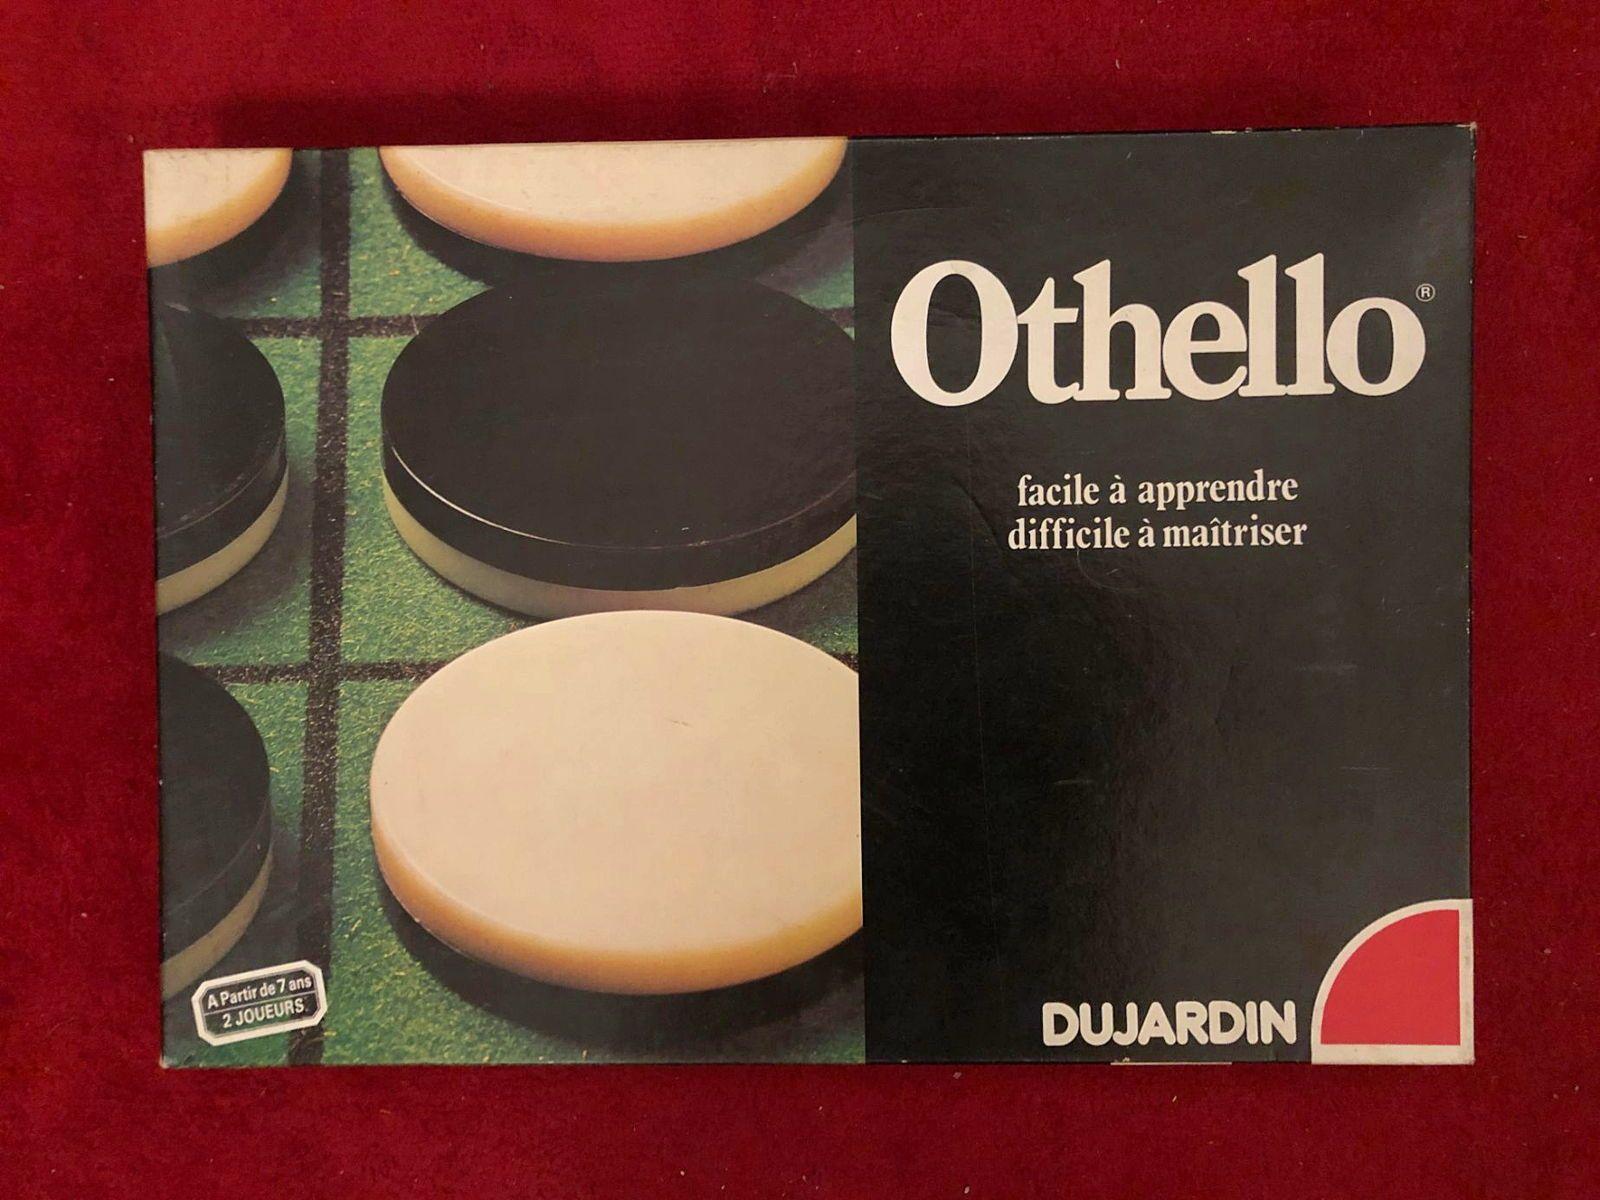 Vends jeu de société Othello